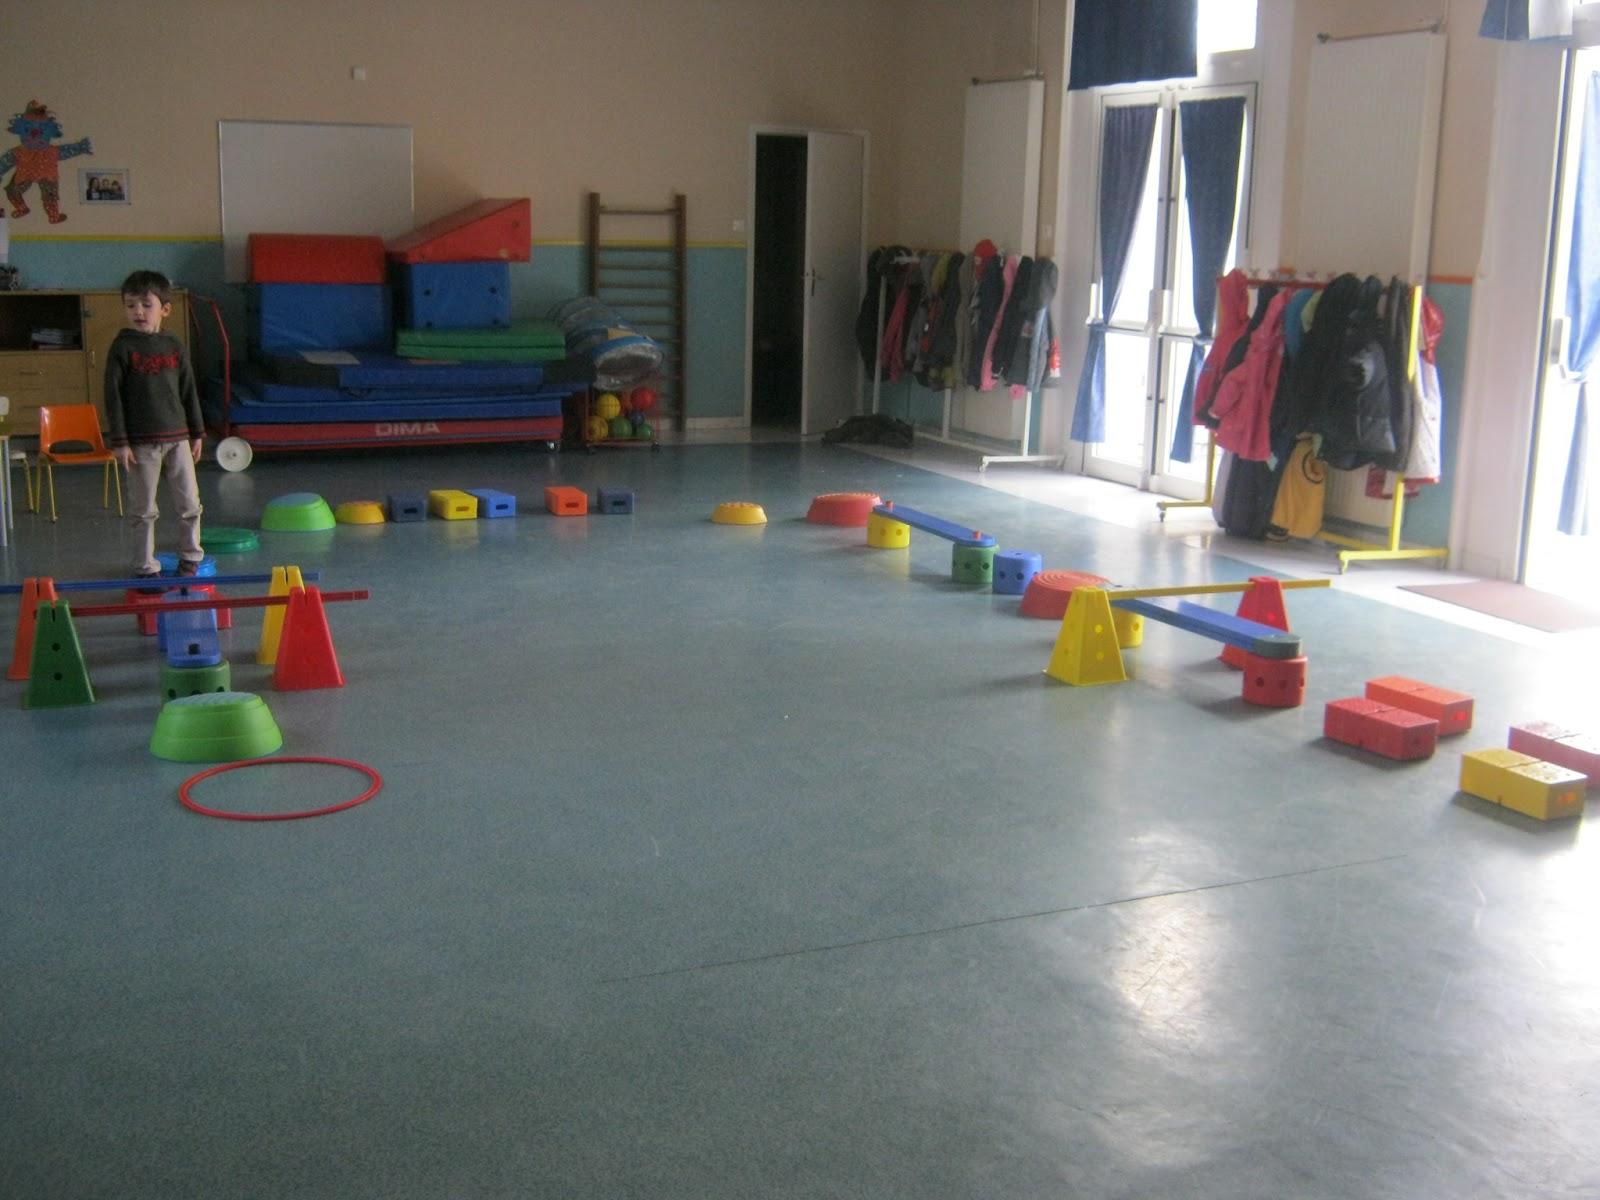 Motor Village La >> L'école maternelle de Nissan: Parcours de motricité ...